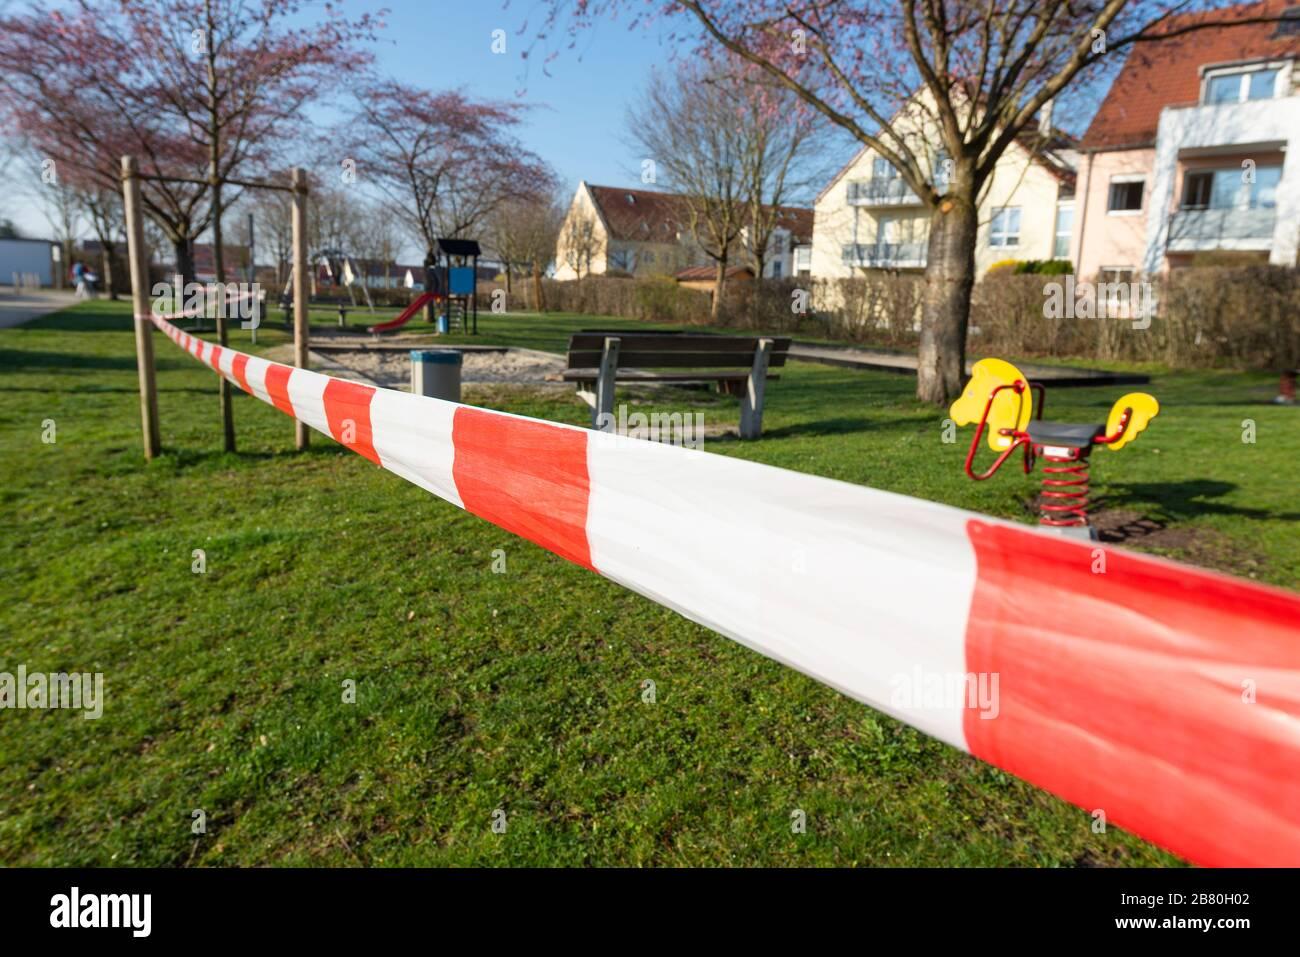 Rot-weisses Absperrband an einem gesperrten Kinderspielplatz während der Corona-Krise in Deutschland Stock Photo